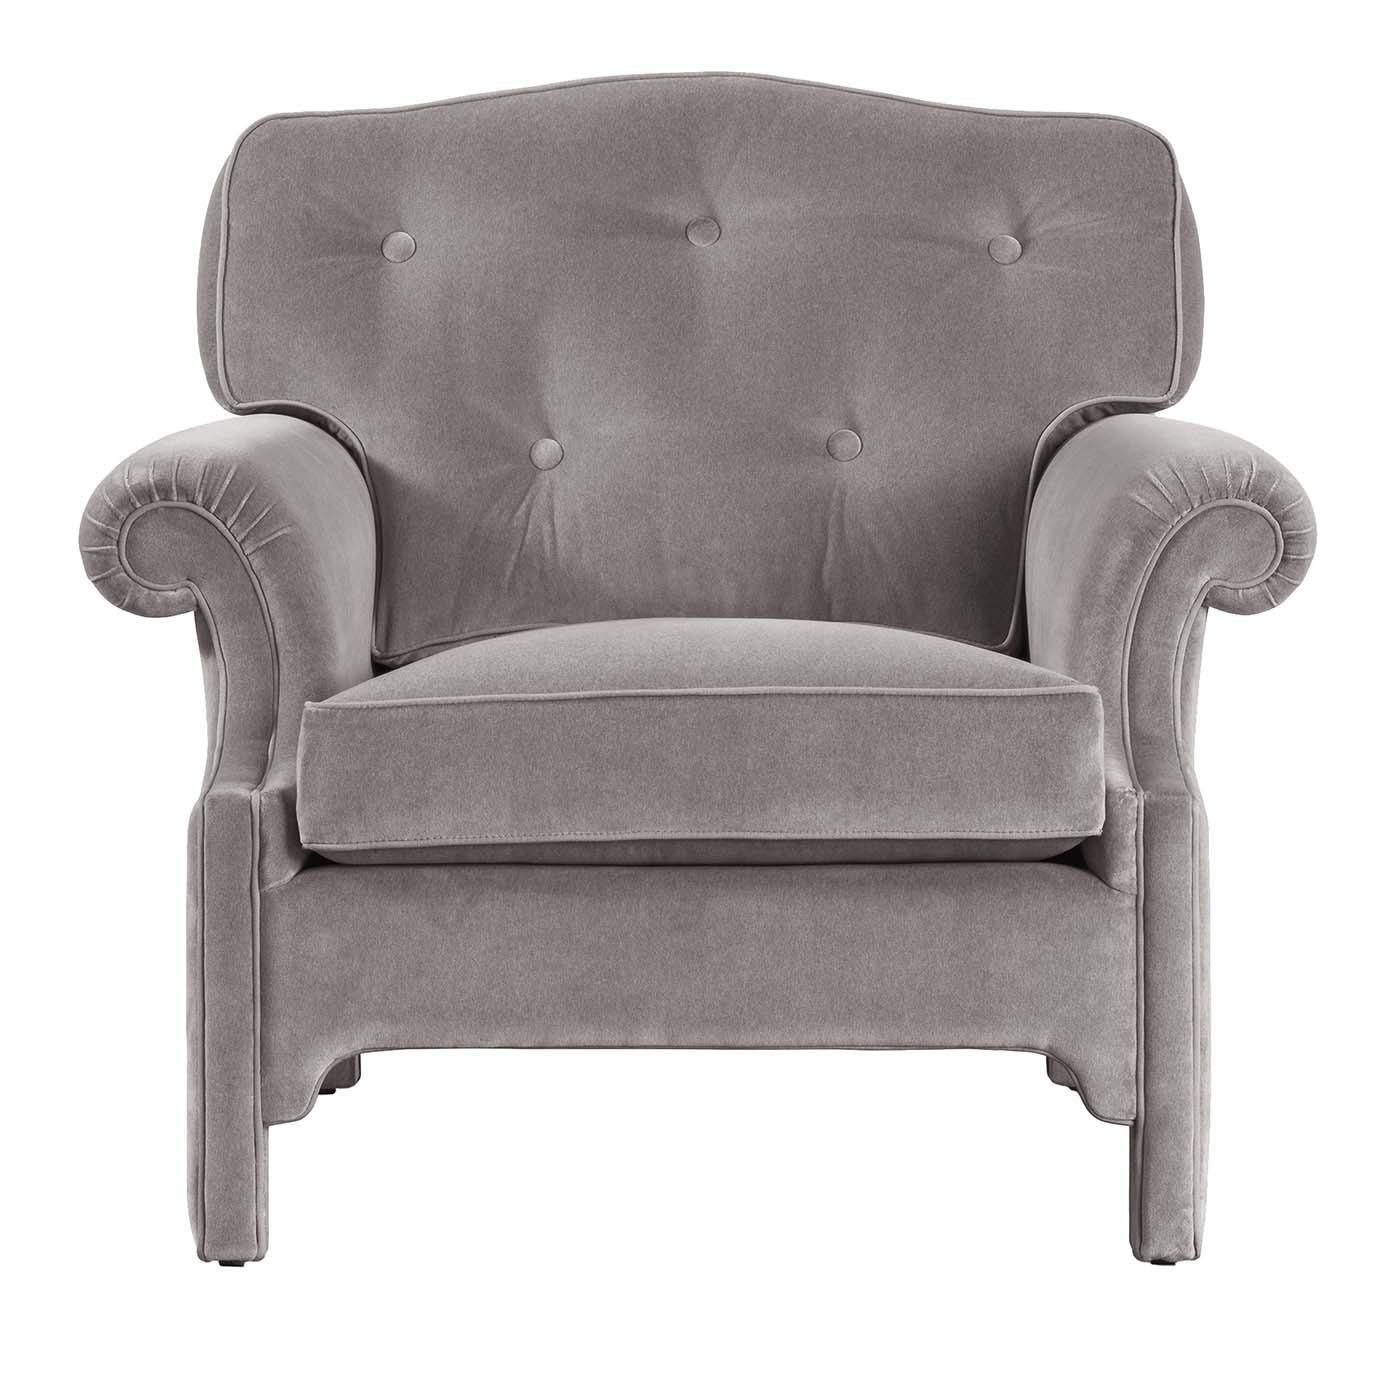 Hollywood Armchair